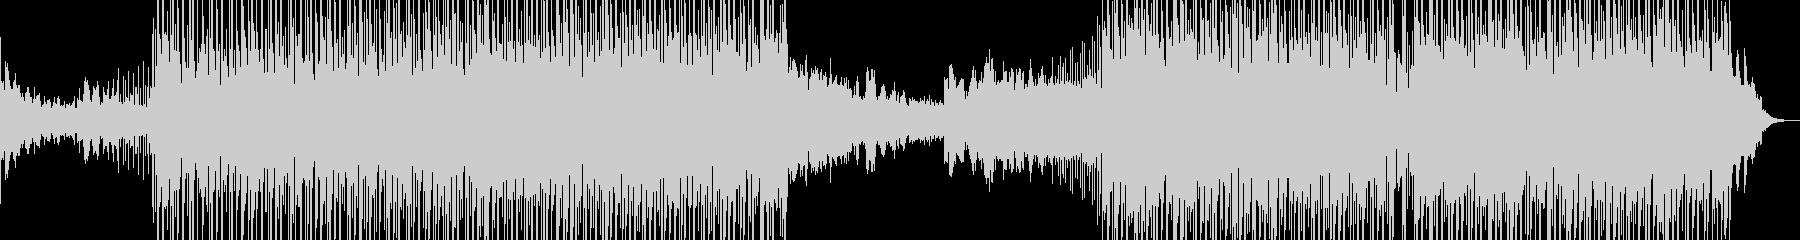 歌詞のトランペットとドラムとベースの未再生の波形